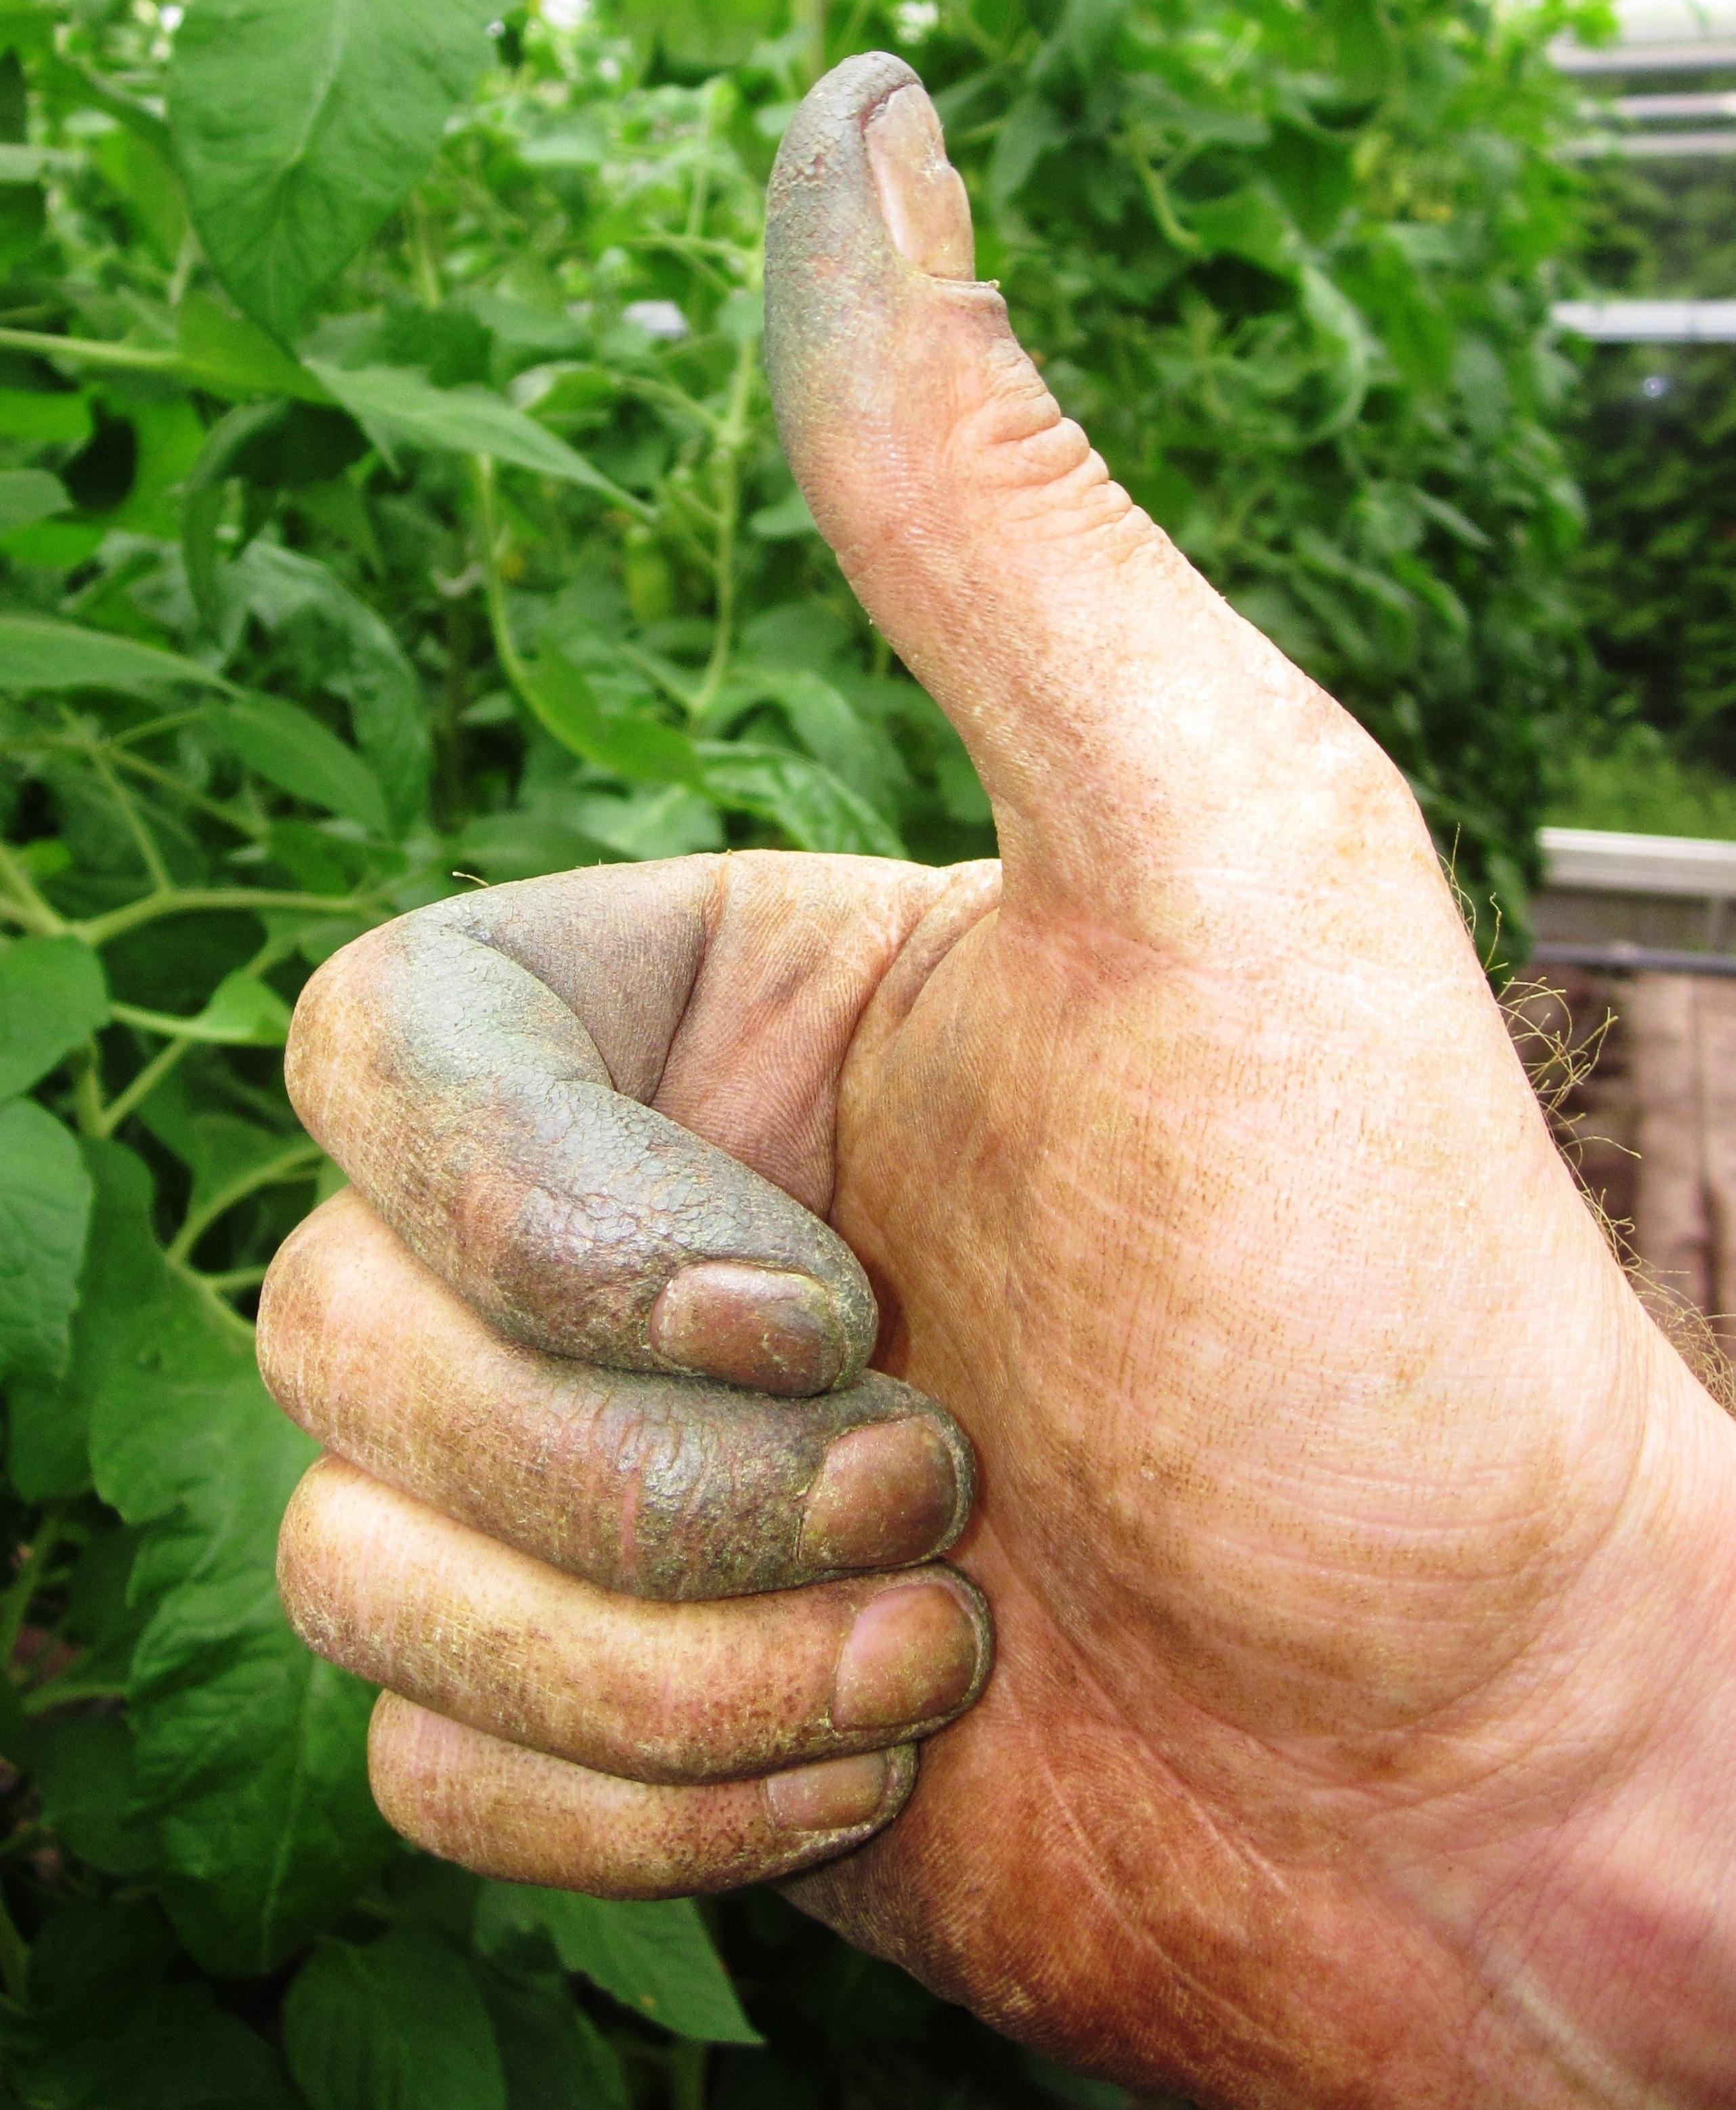 Fotos gratis : mano, flor, dedo, verde, Produce, suelo, brazo ...